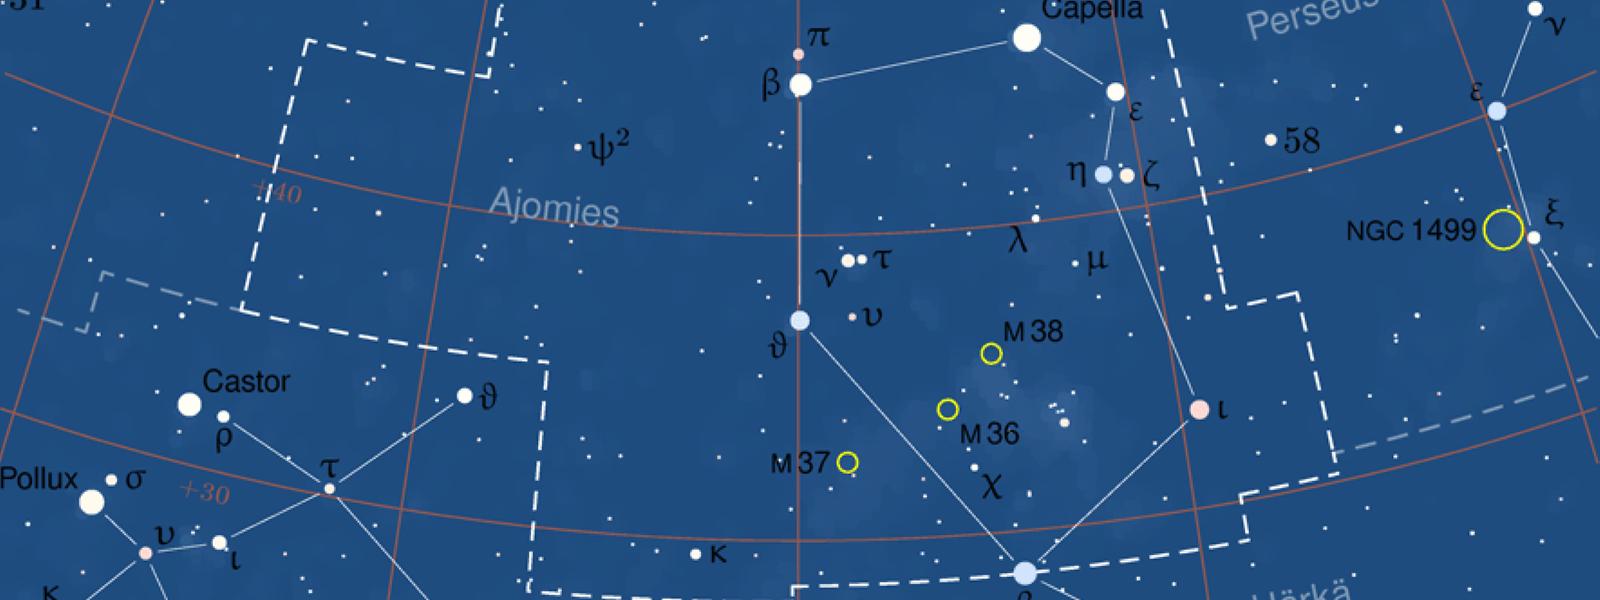 Das Sternbild Fuhrmann (Auriga).